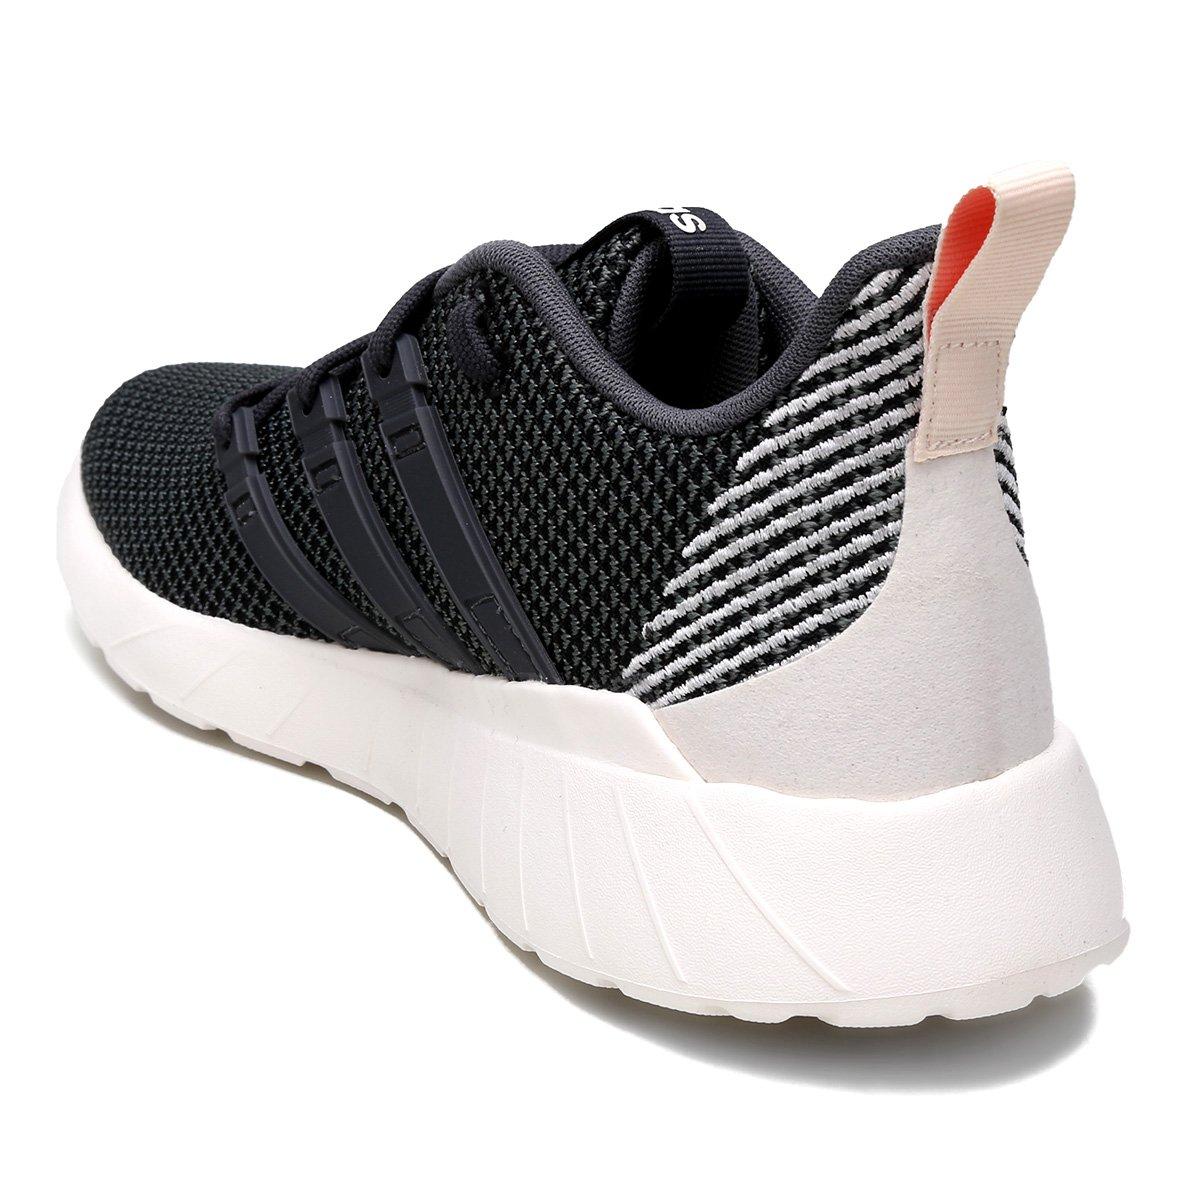 6b952e812 ... Tênis Adidas Questar Flow Feminino - Preto+Off White. LANÇAMENTO